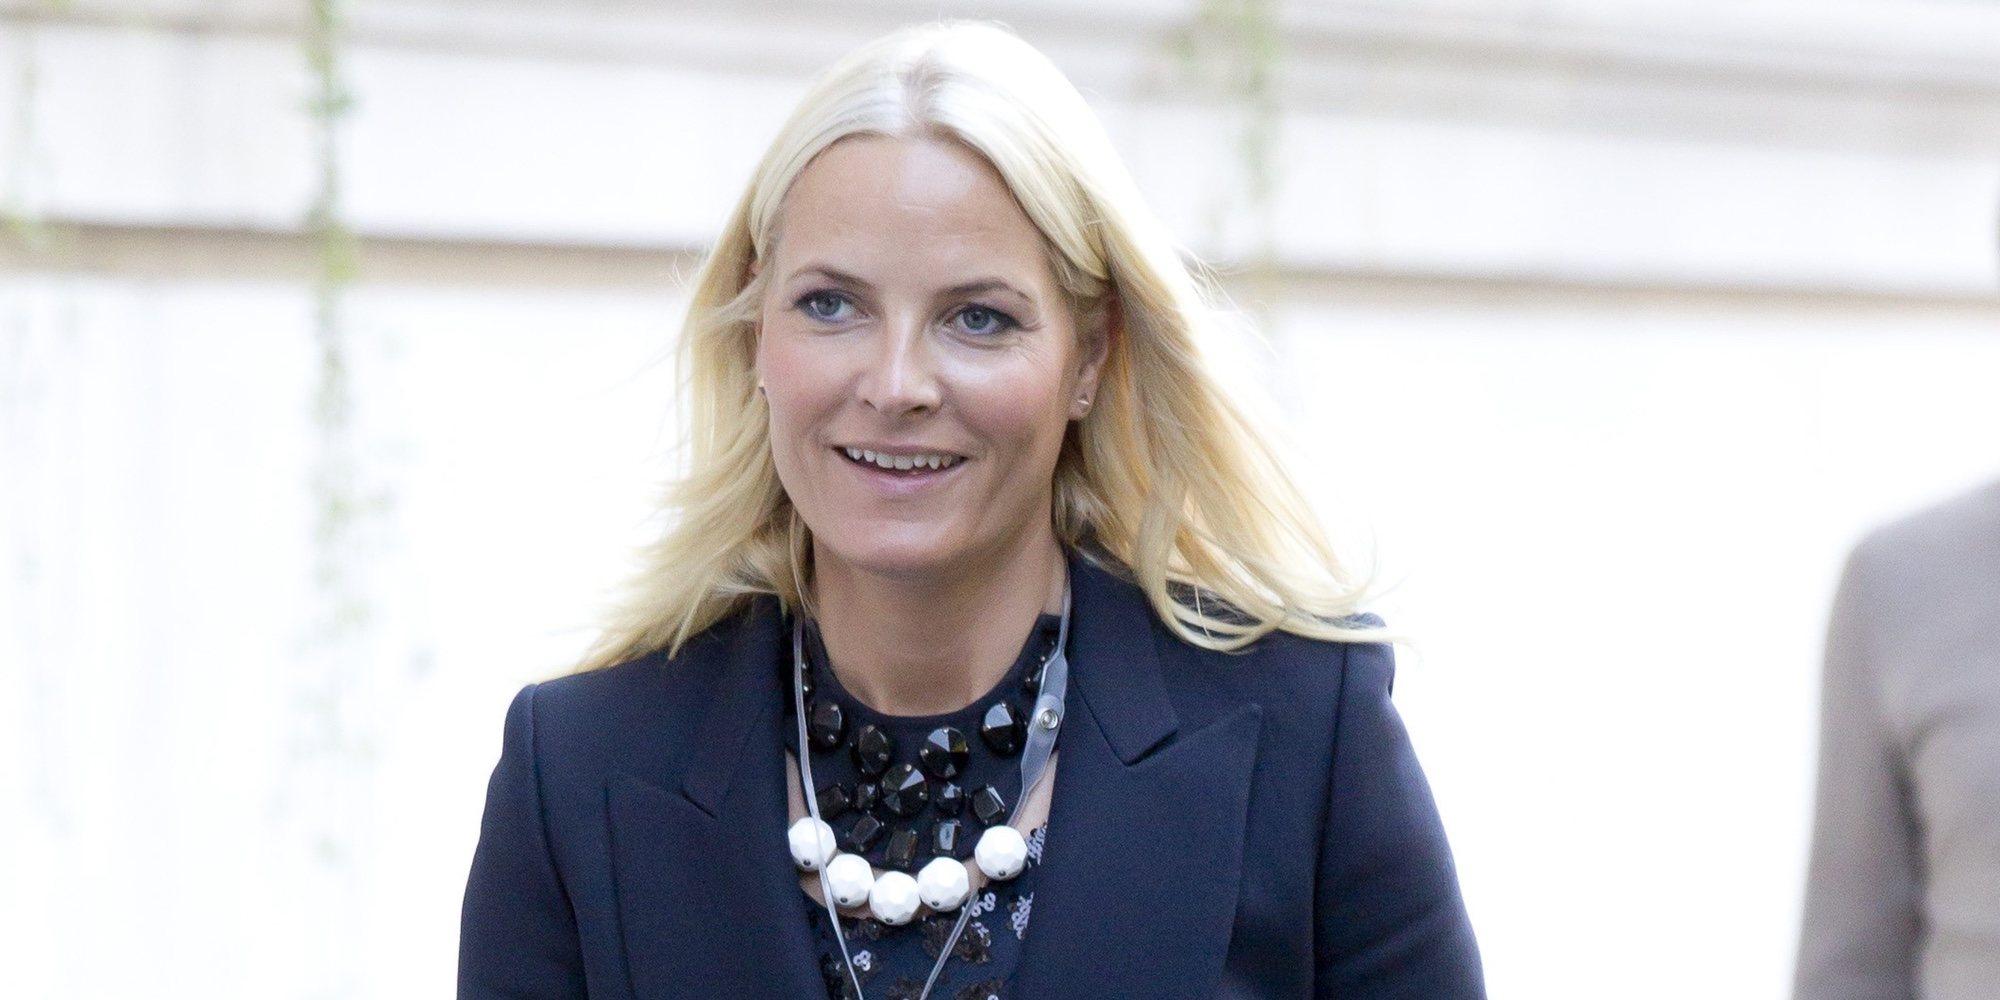 La Princesa Mette-Marit de Noruega padece fibrosis pulmonar